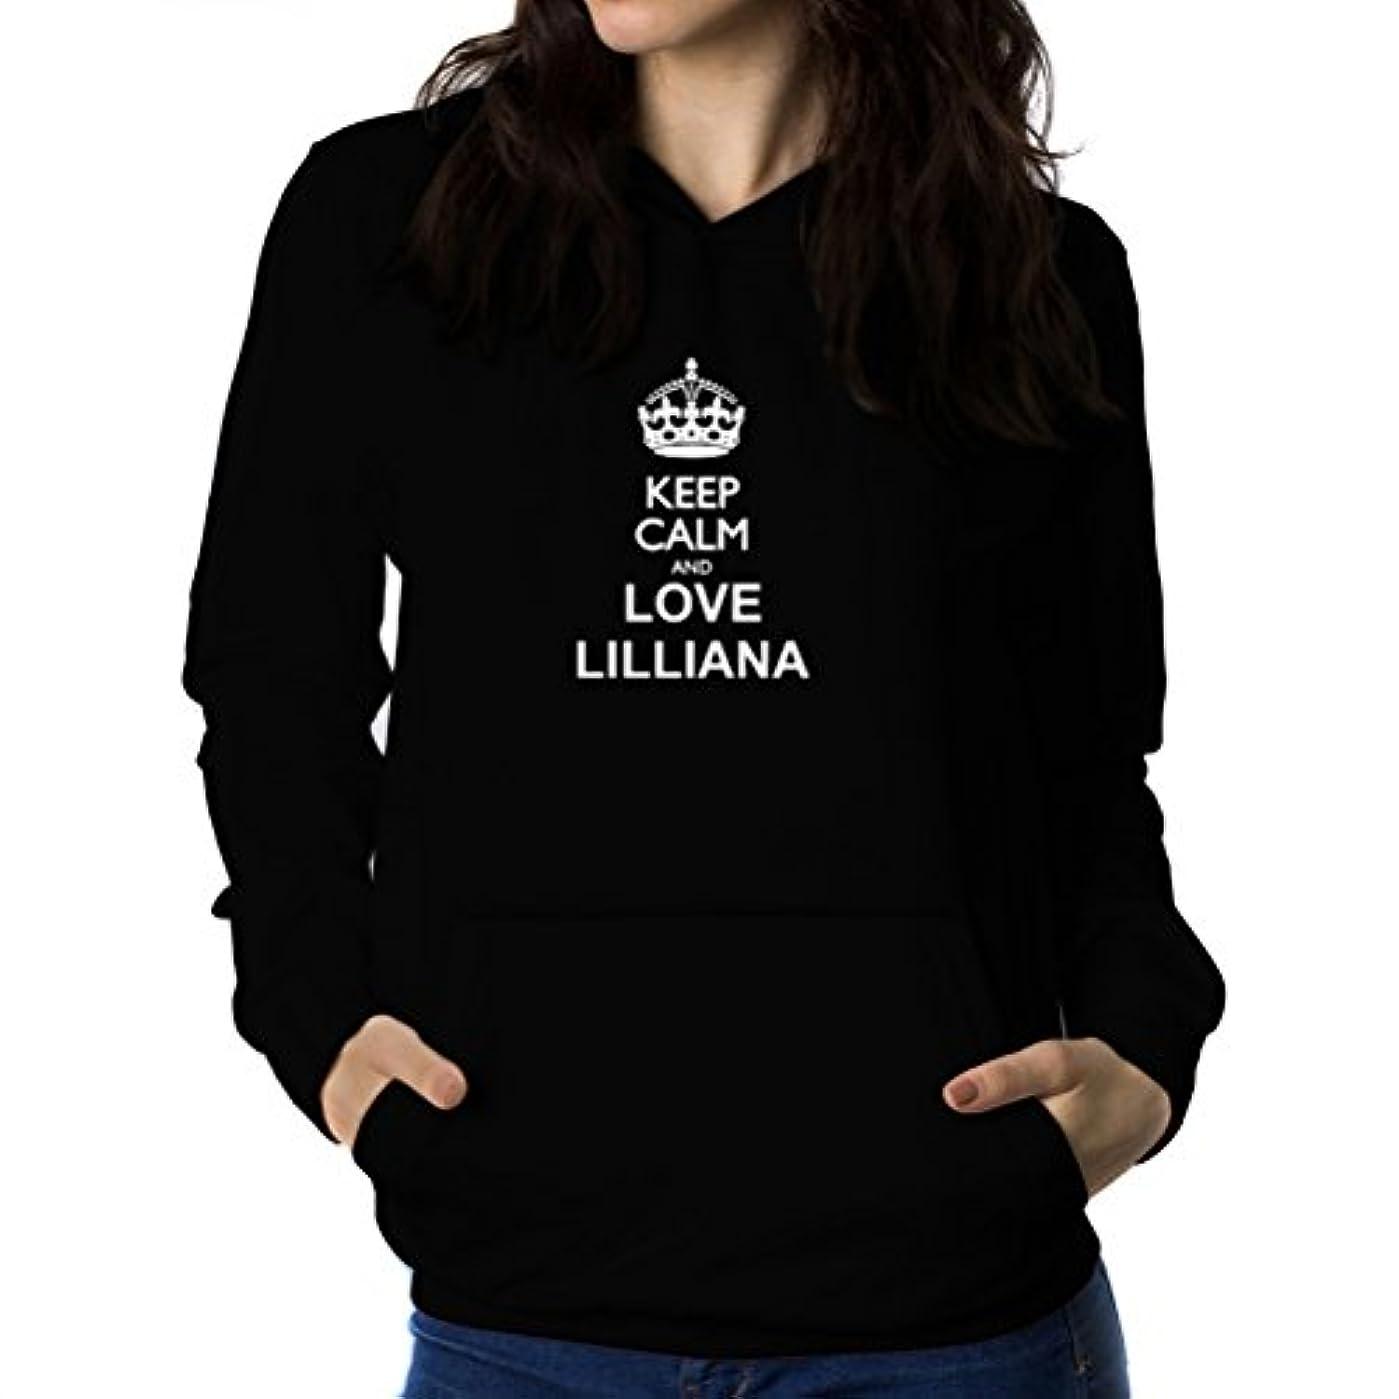 機械的ダイヤモンドチロKeep calm and love Lilliana 女性 フーディー